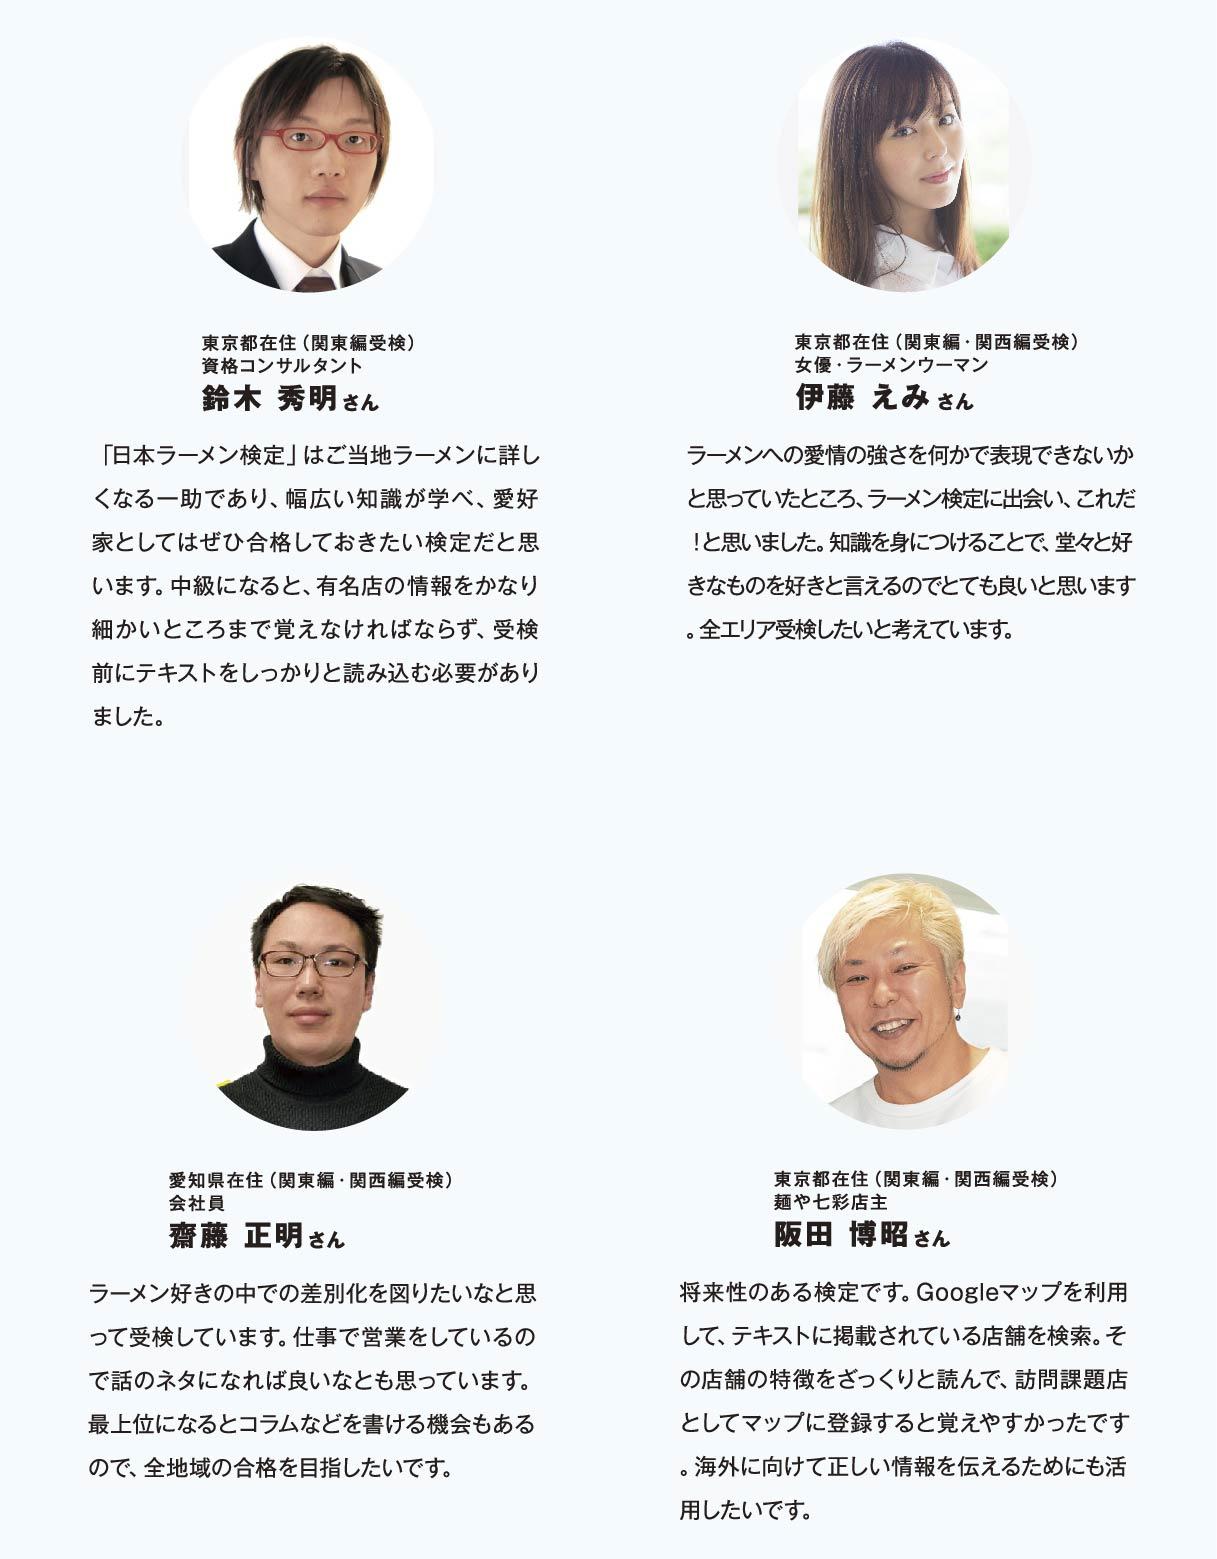 東京都在住(関東編受検)資格コンサルタント鈴木 秀明さん 「日本ラーメン検定」はご当地ラーメンに詳しくなる一助であり、幅広い知識が学べ、愛好家としてはぜひ合格しておきたい検定だと思います。中級になると、有名店の情報をかなり細かいところまで覚えなければならず、受検前にテキストをしっかりと読み込む必要がありました。 東京都在住(関東編・関西編受検)女優・ラーメンウーマン伊藤 えみさん ラーメンへの愛情の強さを何かで表現できないかと思っていたところ、ラーメン検定に出会い、これだ!と思いました。知識を身につけることで、堂々と好きなものを好きと言えるのでとても良いと思います。全エリア受検したいと考えています。 愛知県在住(関東編・関西編受検)会社員齋藤 正明さん ラーメン好きの中での差別化を図りたいなと思って受検しています。仕事で営業をしているので話のネタになれば良いなとも思っています。最上位になるとコラムなどを書ける機会もあるので、全地域の合格を目指したいです。東京都在住(関東編・関西編受検)麺や七彩店主阪田 博昭さん 将来性のある検定です。Googleマップを利用して、テキストに掲載されている店舗を検索。その店舗の特徴をざっくりと読んで、訪問課題店としてマップに登録すると覚えやすかったです。海外に向けて正しい情報を伝えるためにも活用したいです。